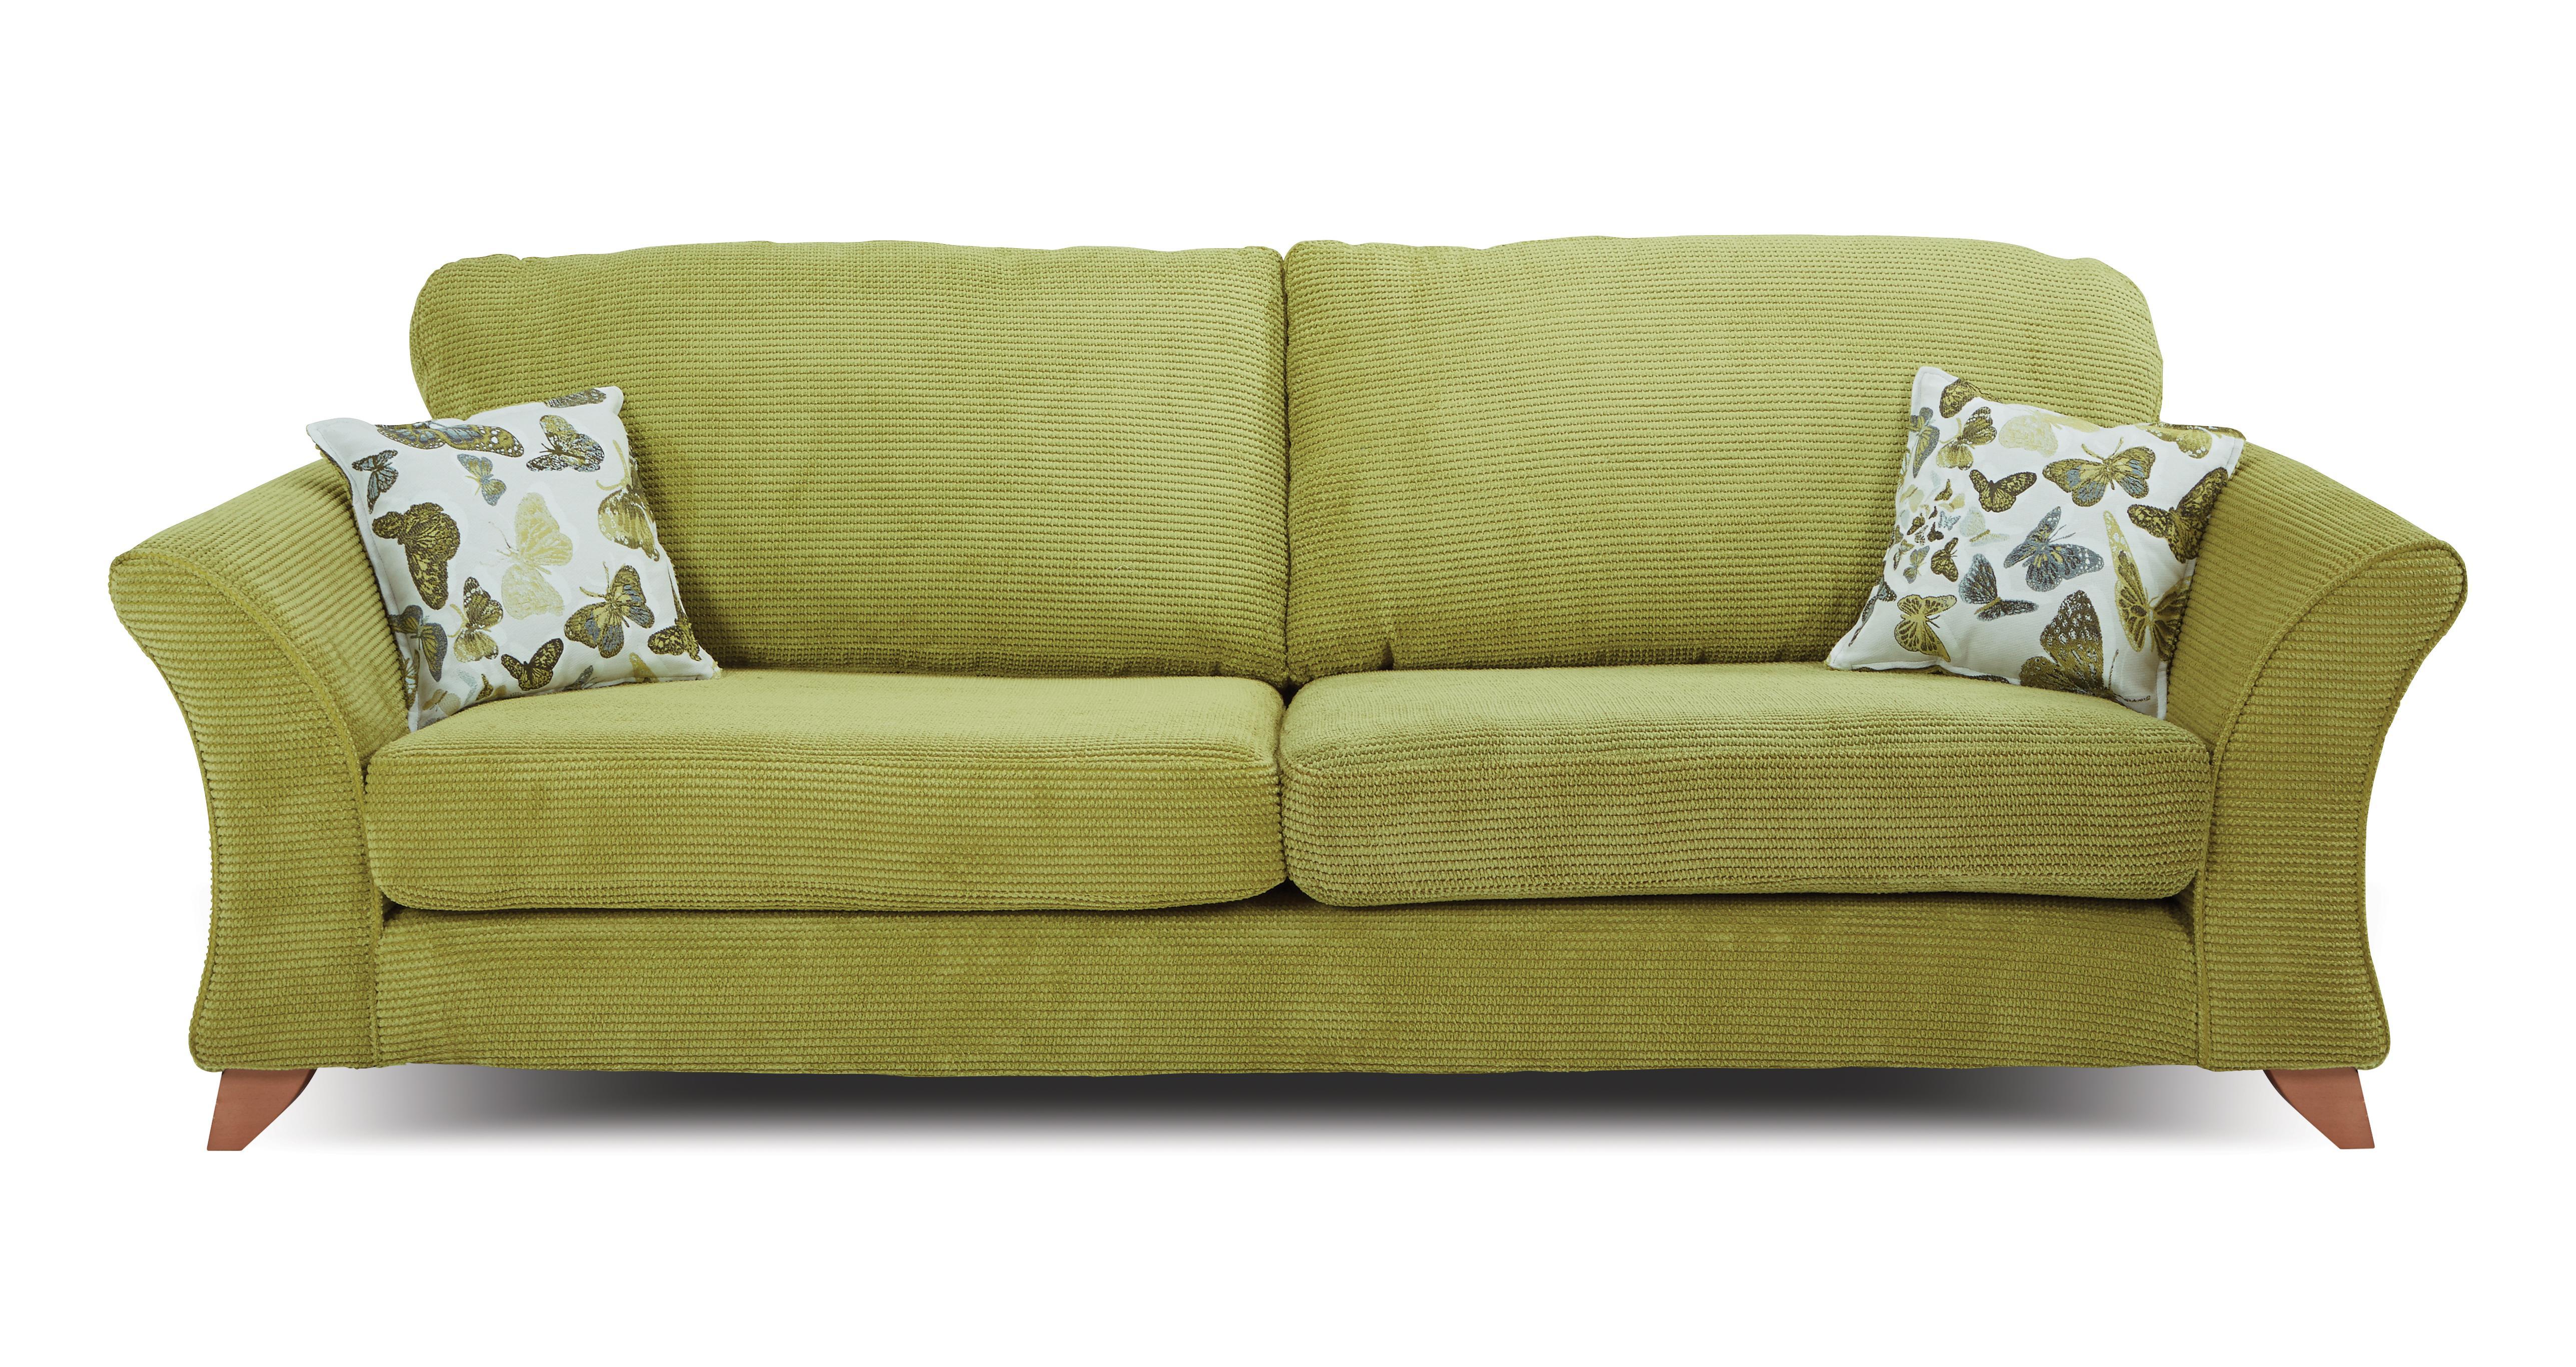 Dfs Green Sofa Brokeasshome Com